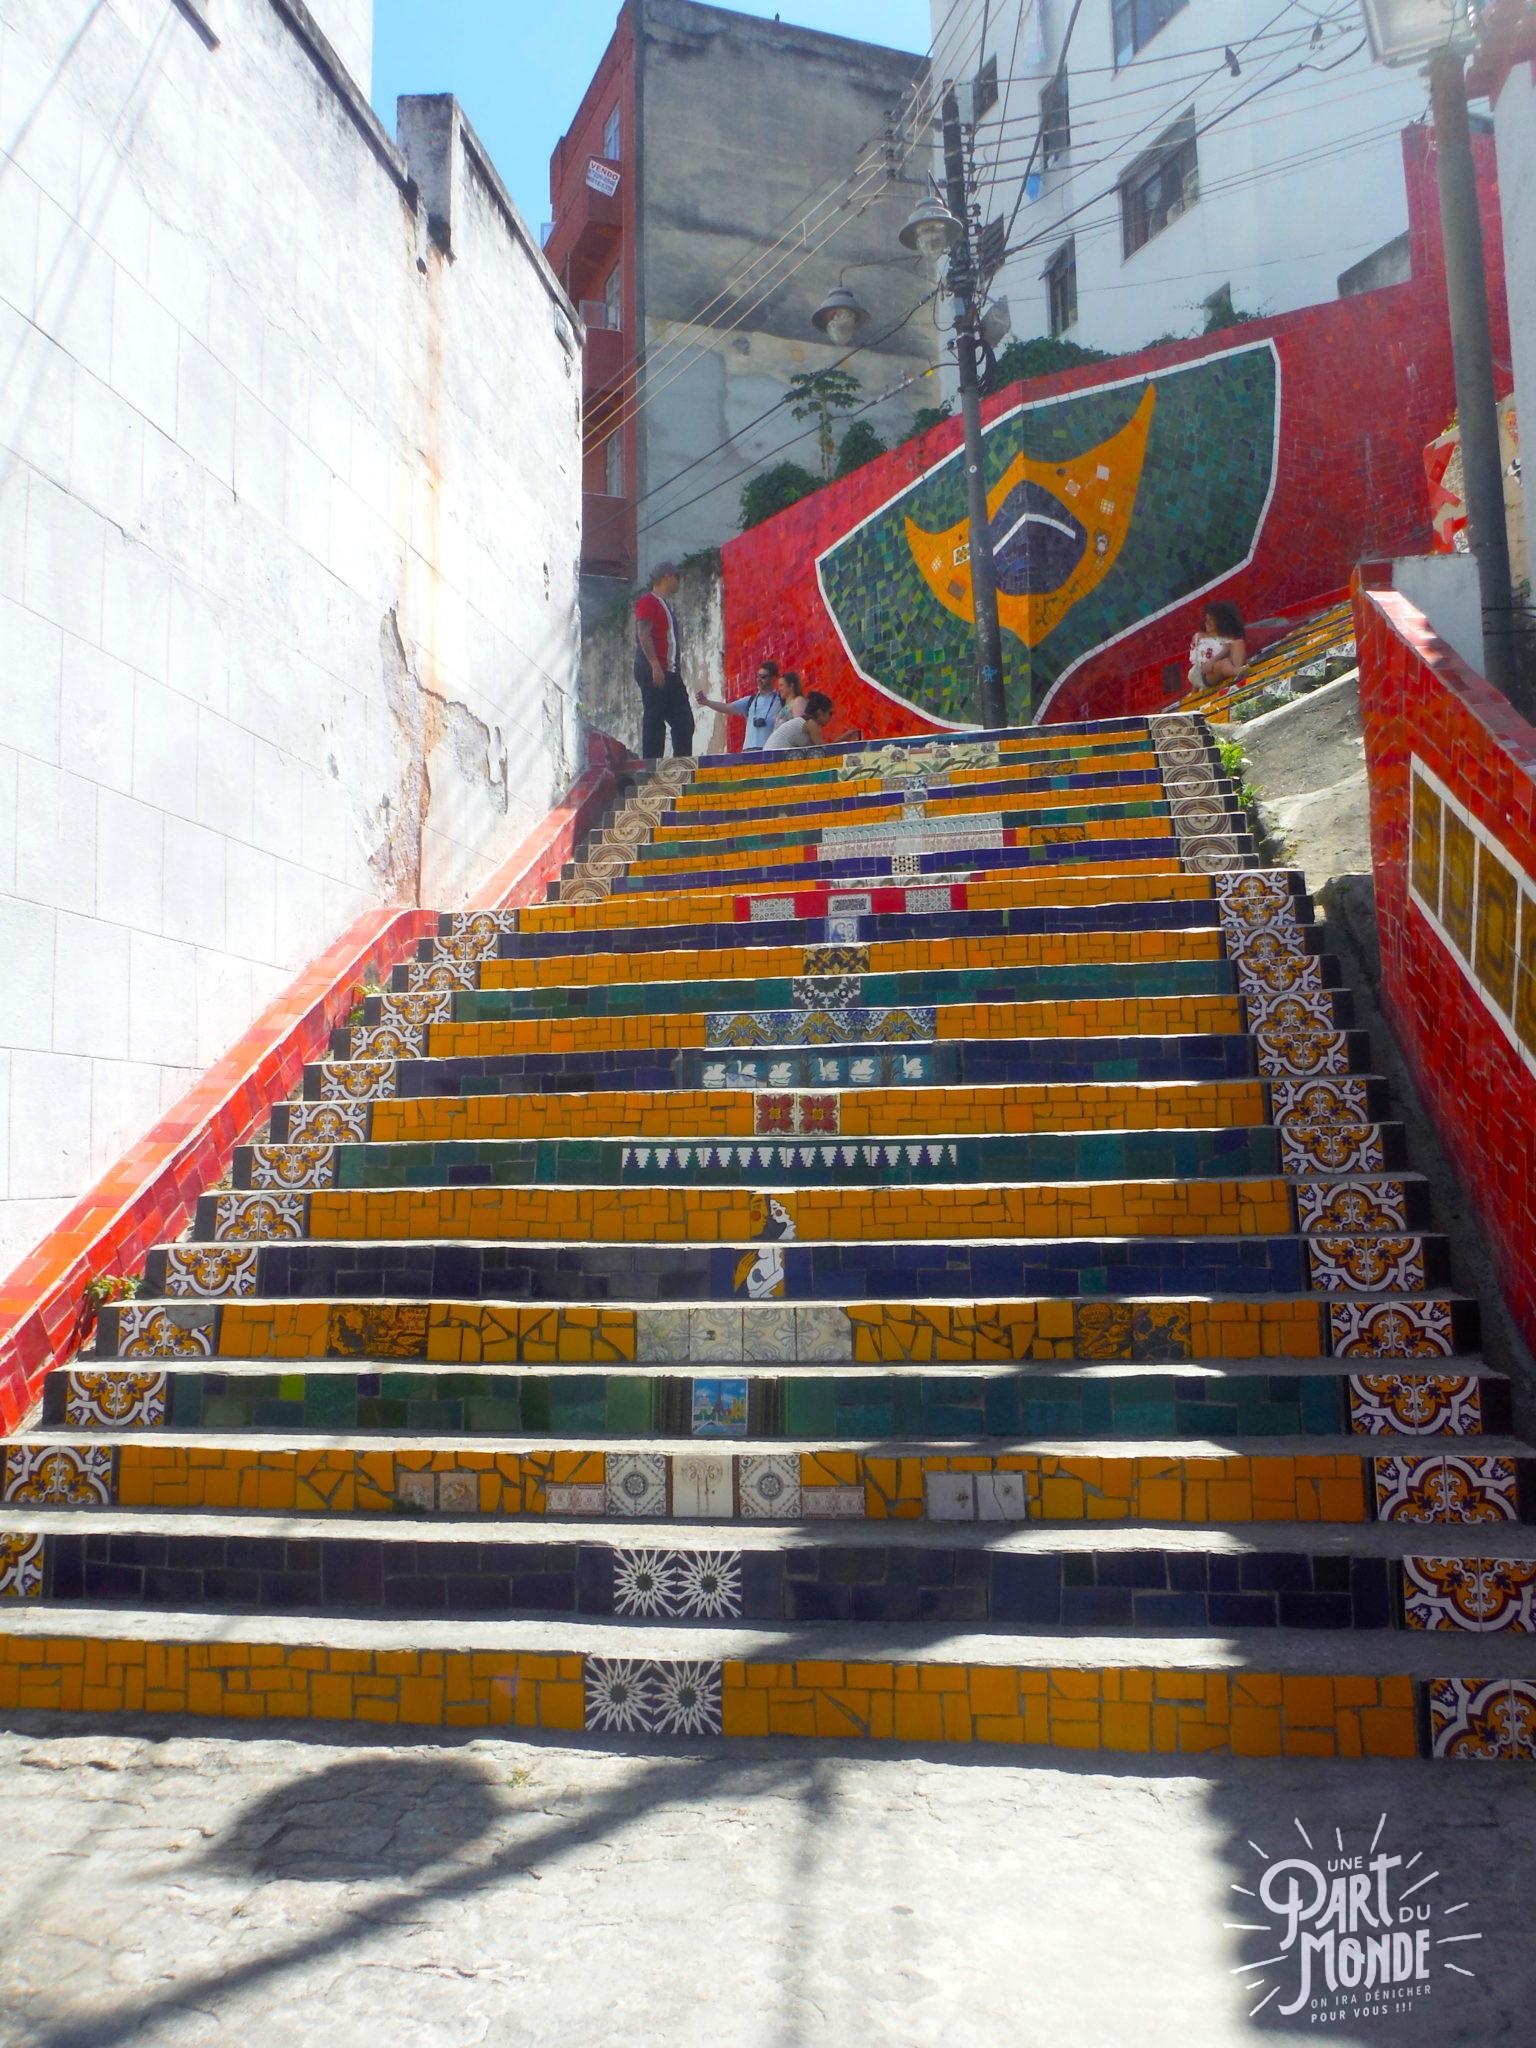 visiter rio de janeiro en 4 jours selaron escalier